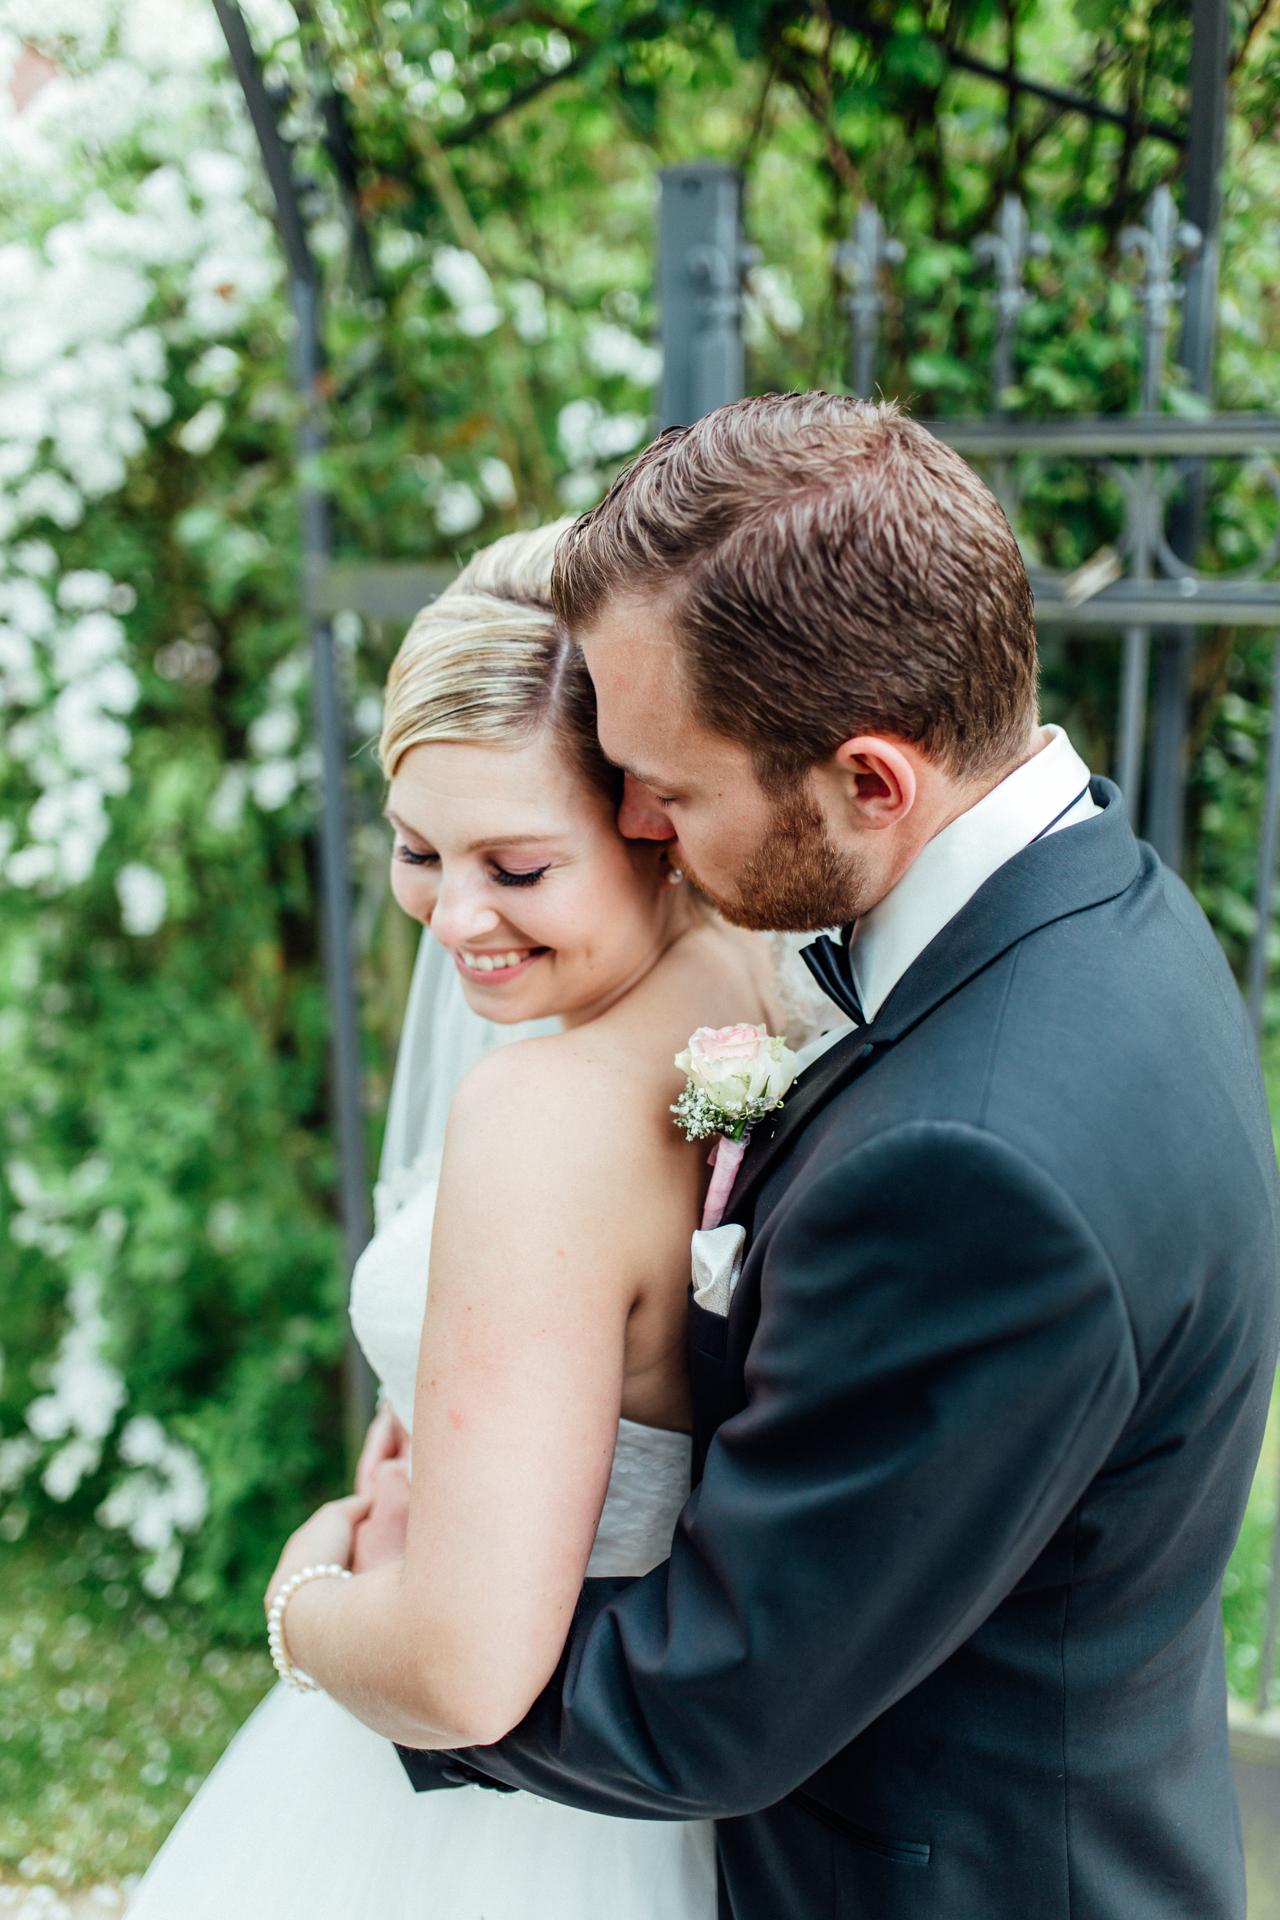 Hochzeit Eventscheune Dagobertshausen - Julia & Florian - Sandra Socha Fotografie - 82